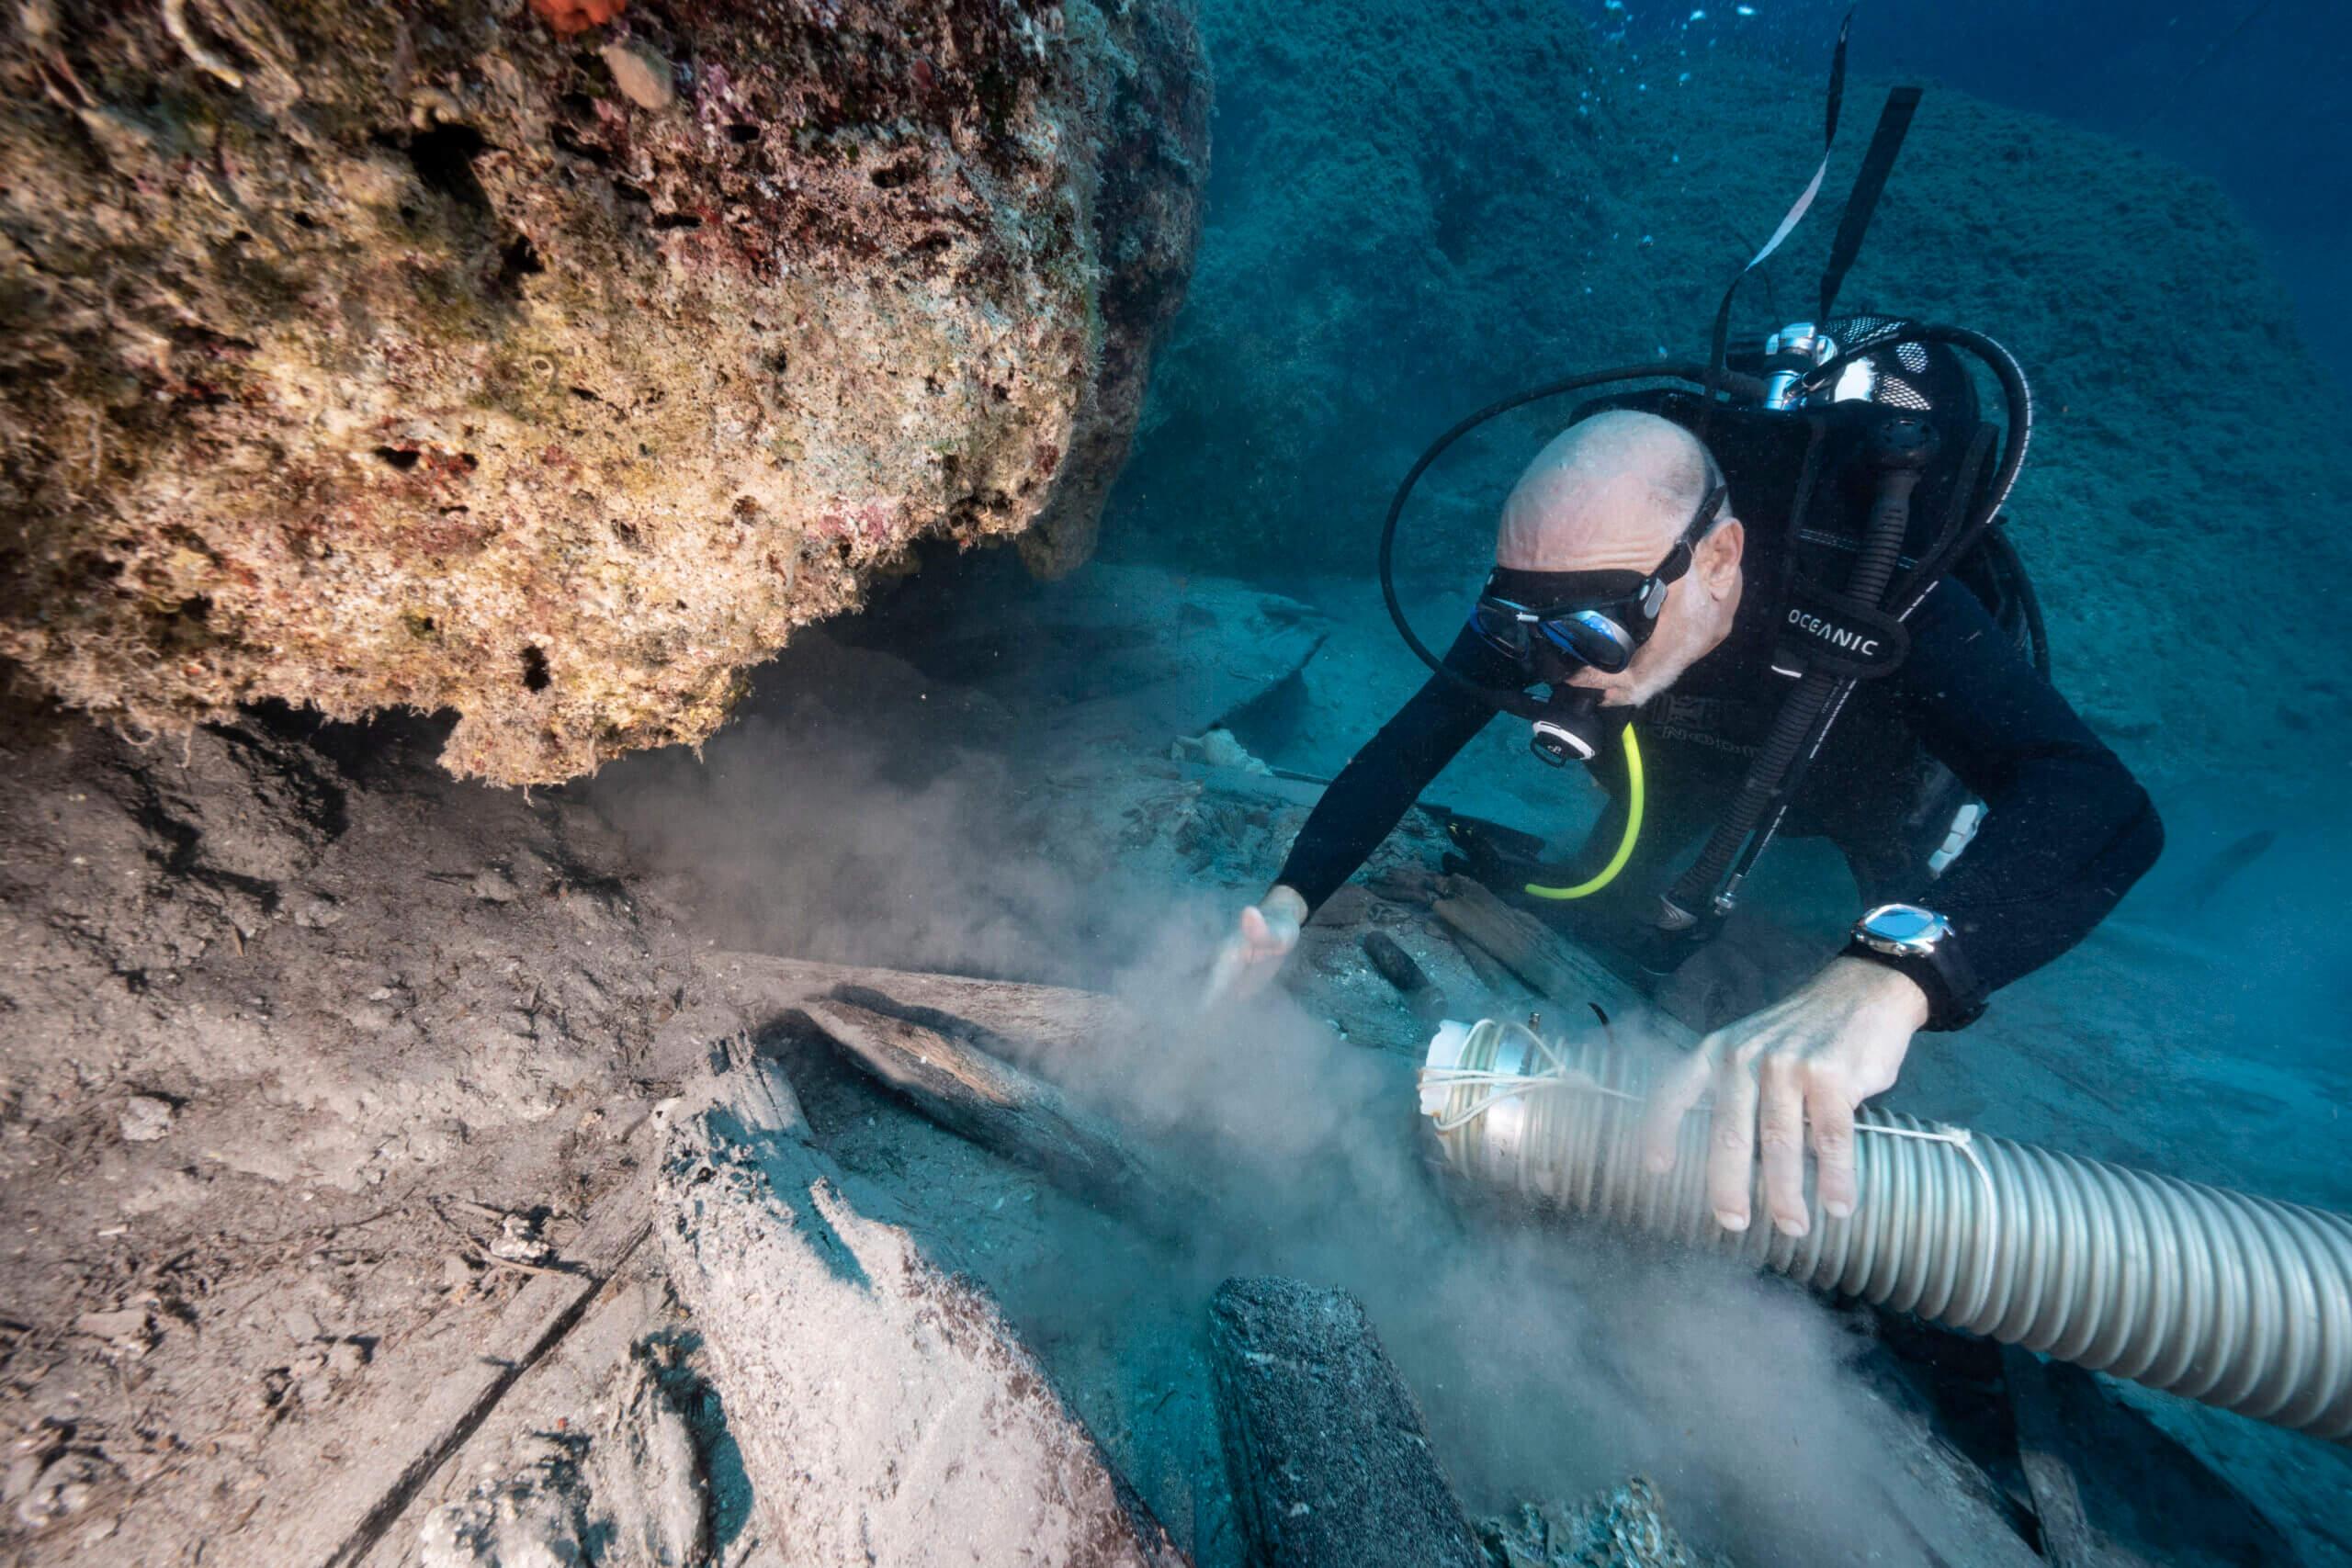 Κύθηρα : Αποτελέσματα της υποβρύχιας αρχαιολογικής έρευνας 2020 στο ιστορικό ναυάγιο ΜΕΝΤΩΡ